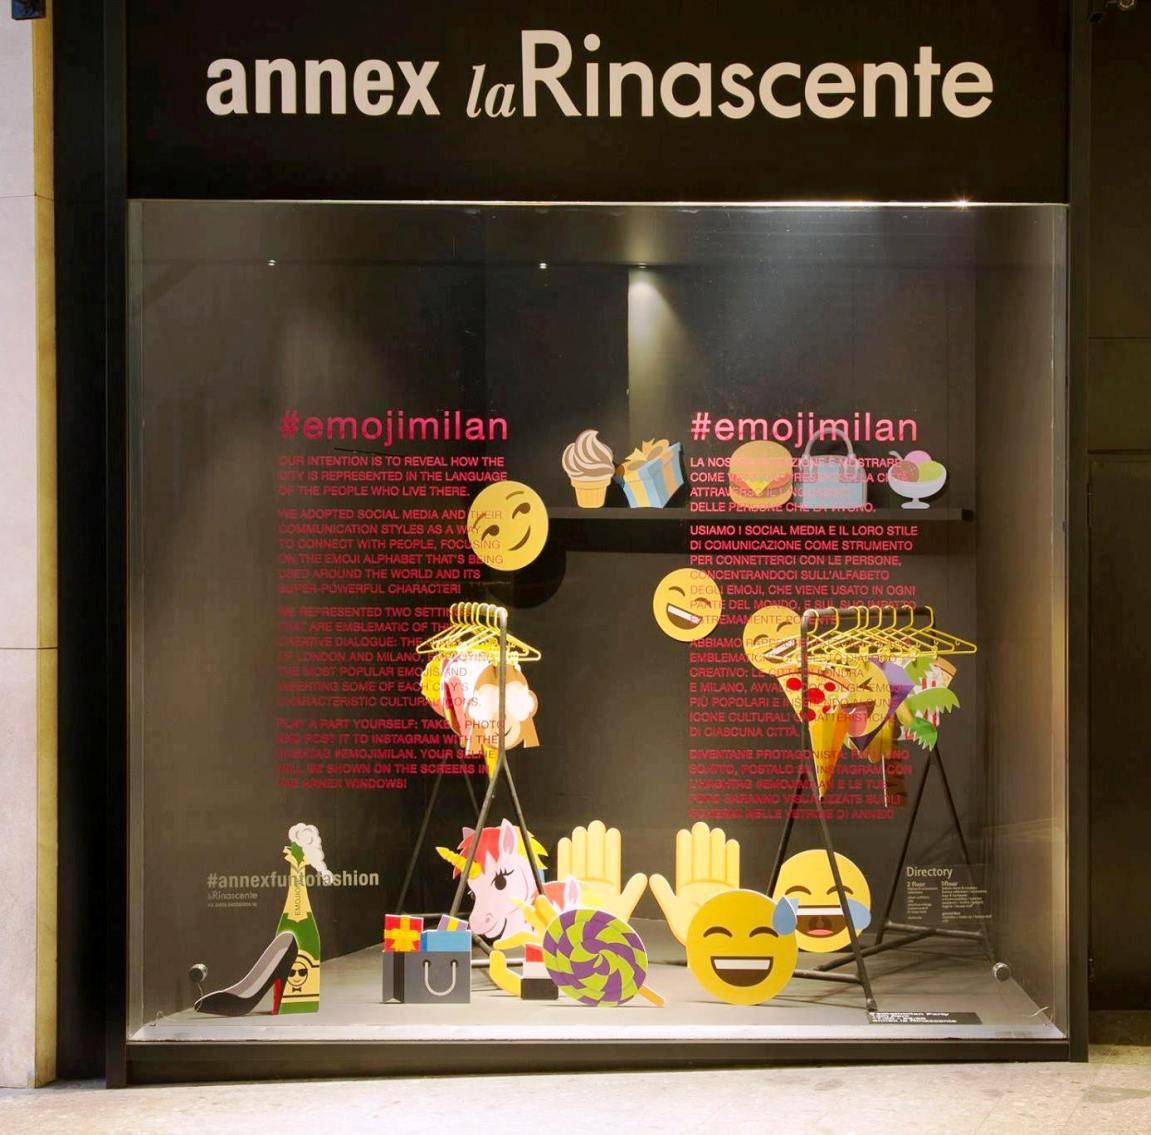 annex la rinascente salone milan 2016 (3)